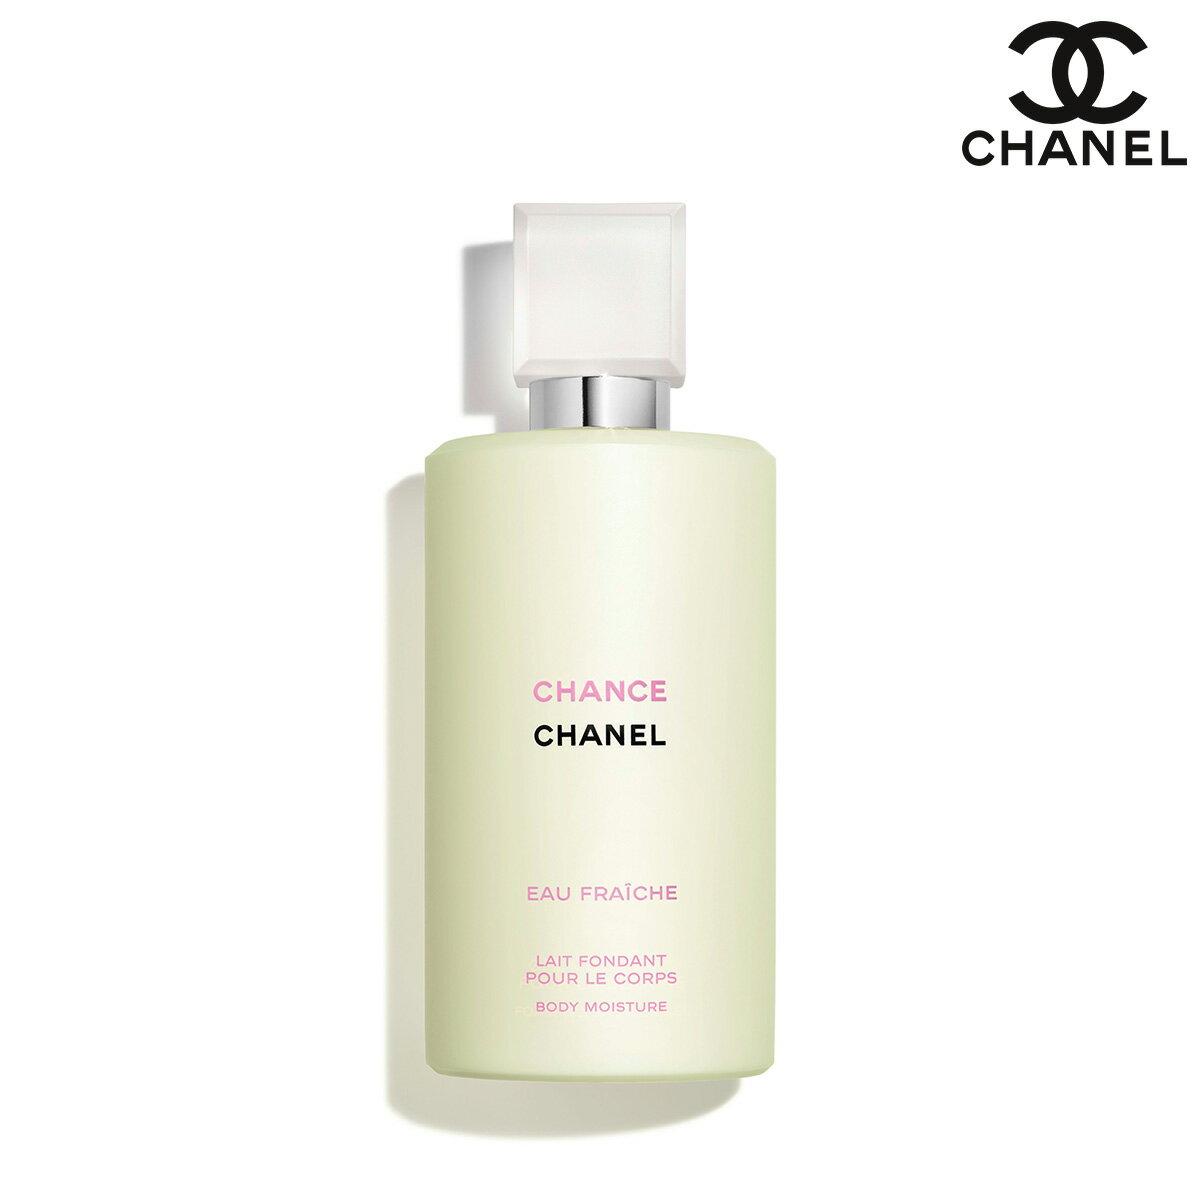 Chanel 綠色氣息身體乳液 200ml 香奈兒 Chance【SP嚴選家】